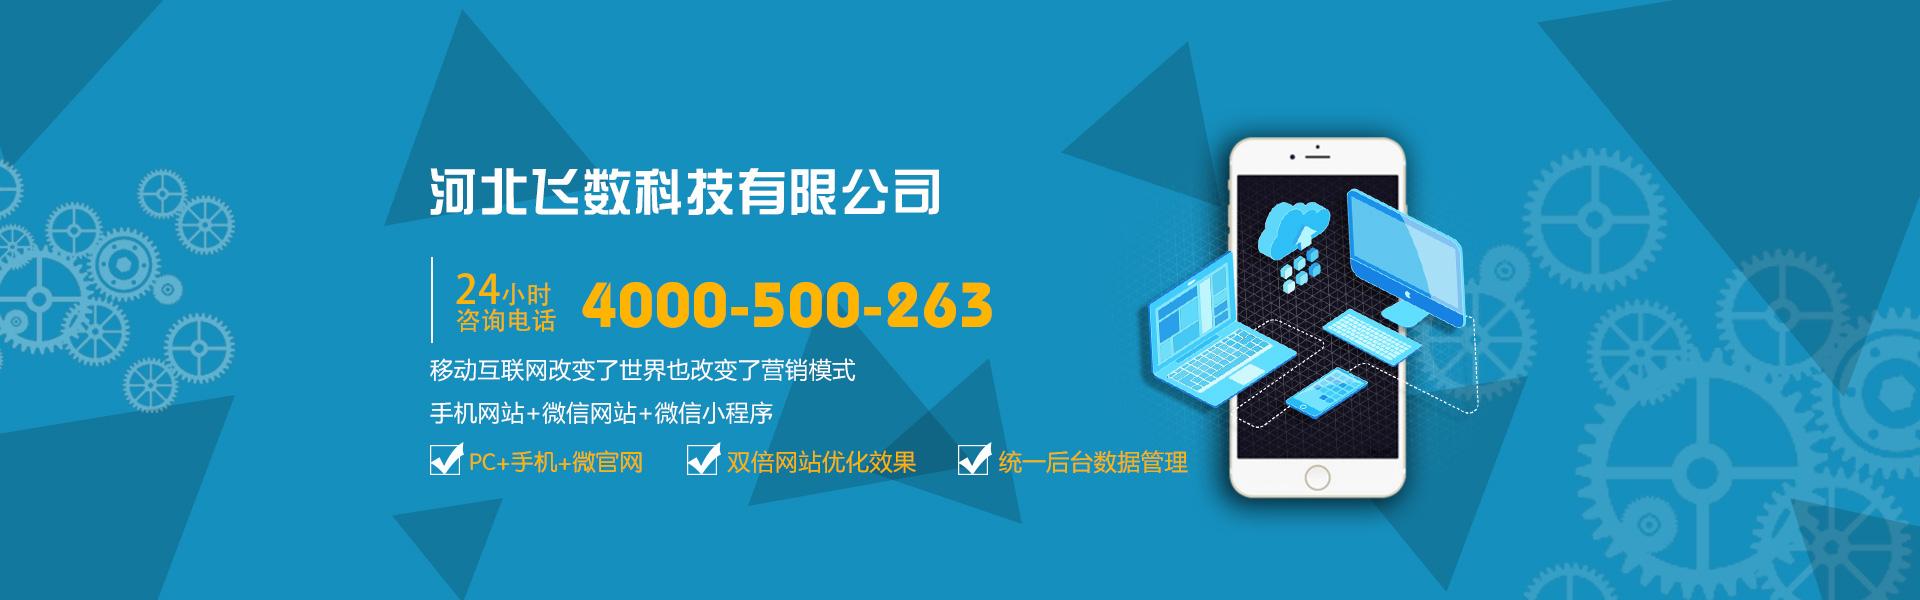 石家庄网络营销与网站制作推广公司